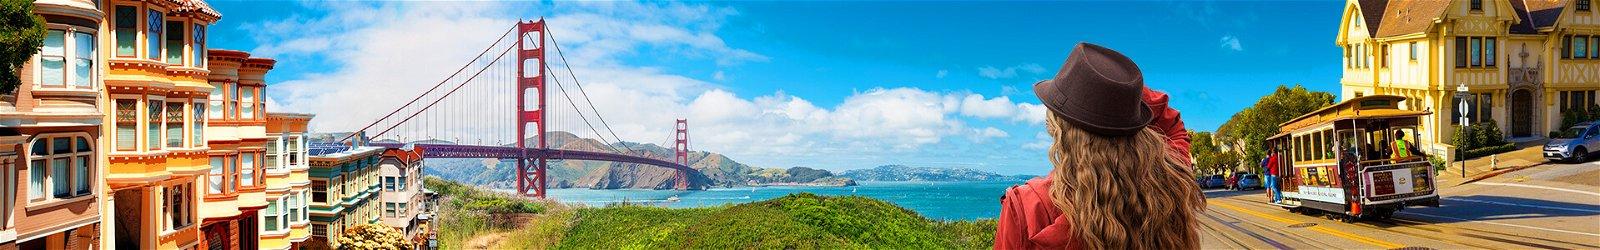 Viajes y paquetes a San Francisco con salidas en Mayo desde México 2020